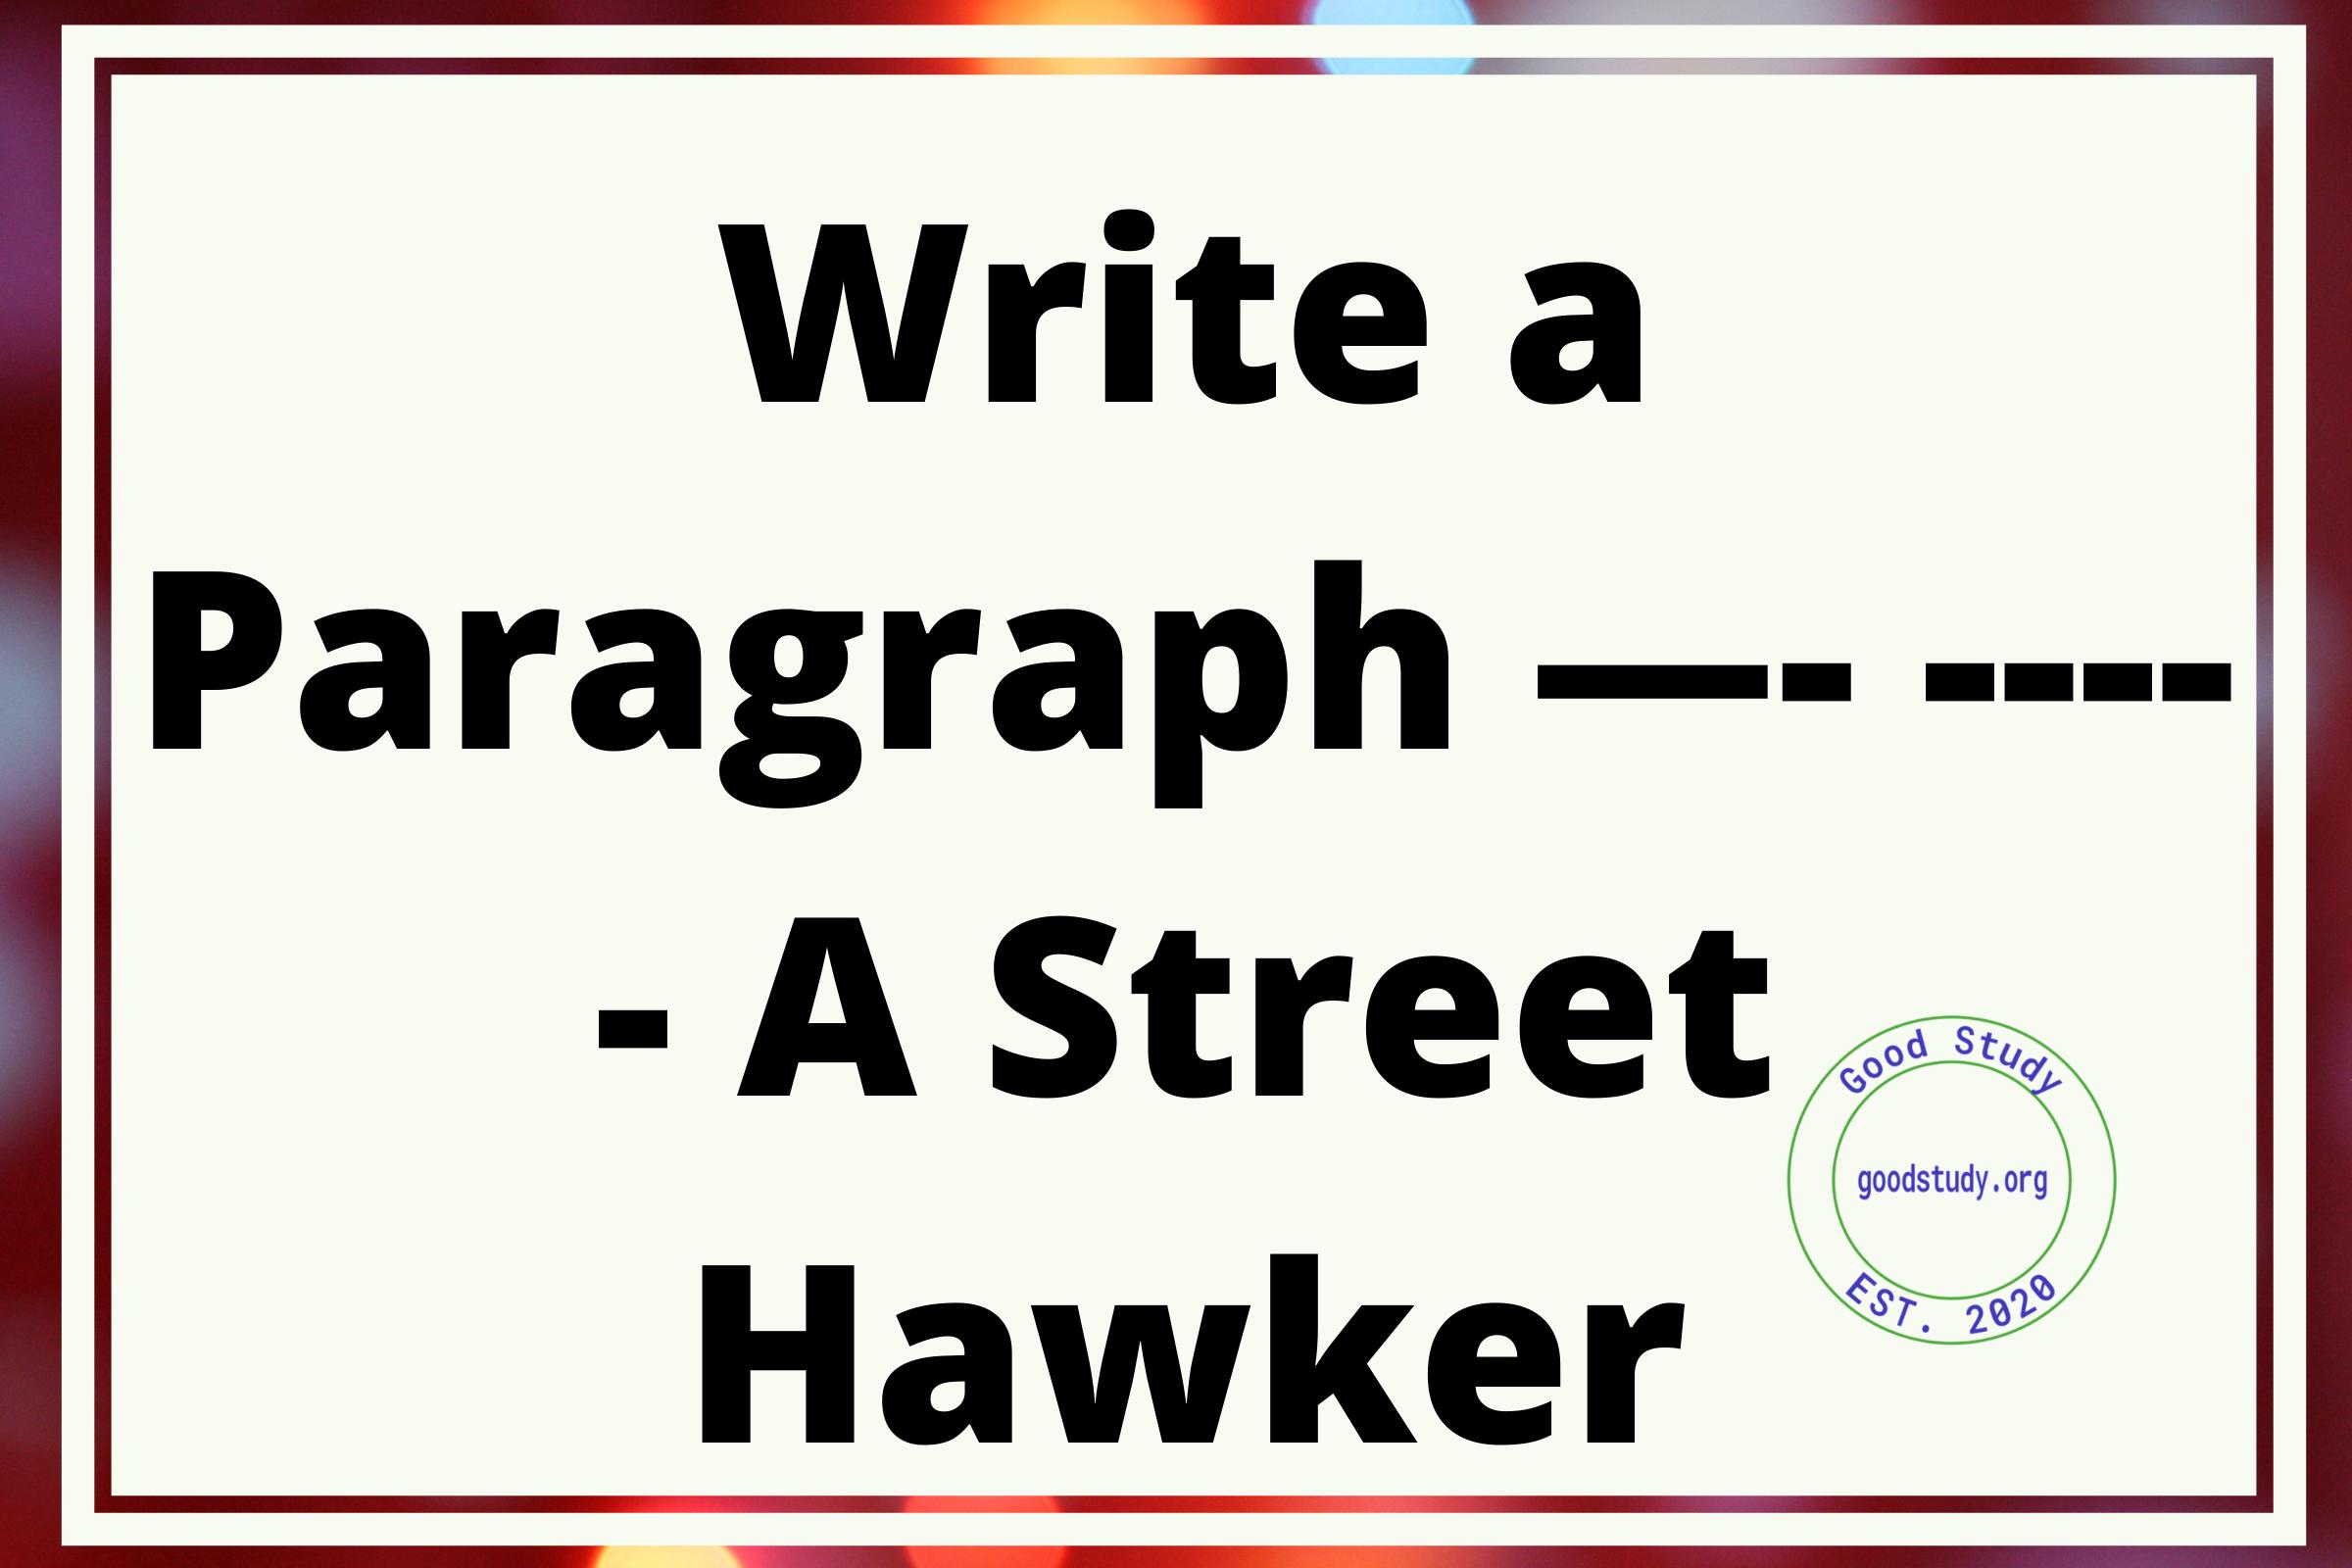 A Street Hawker